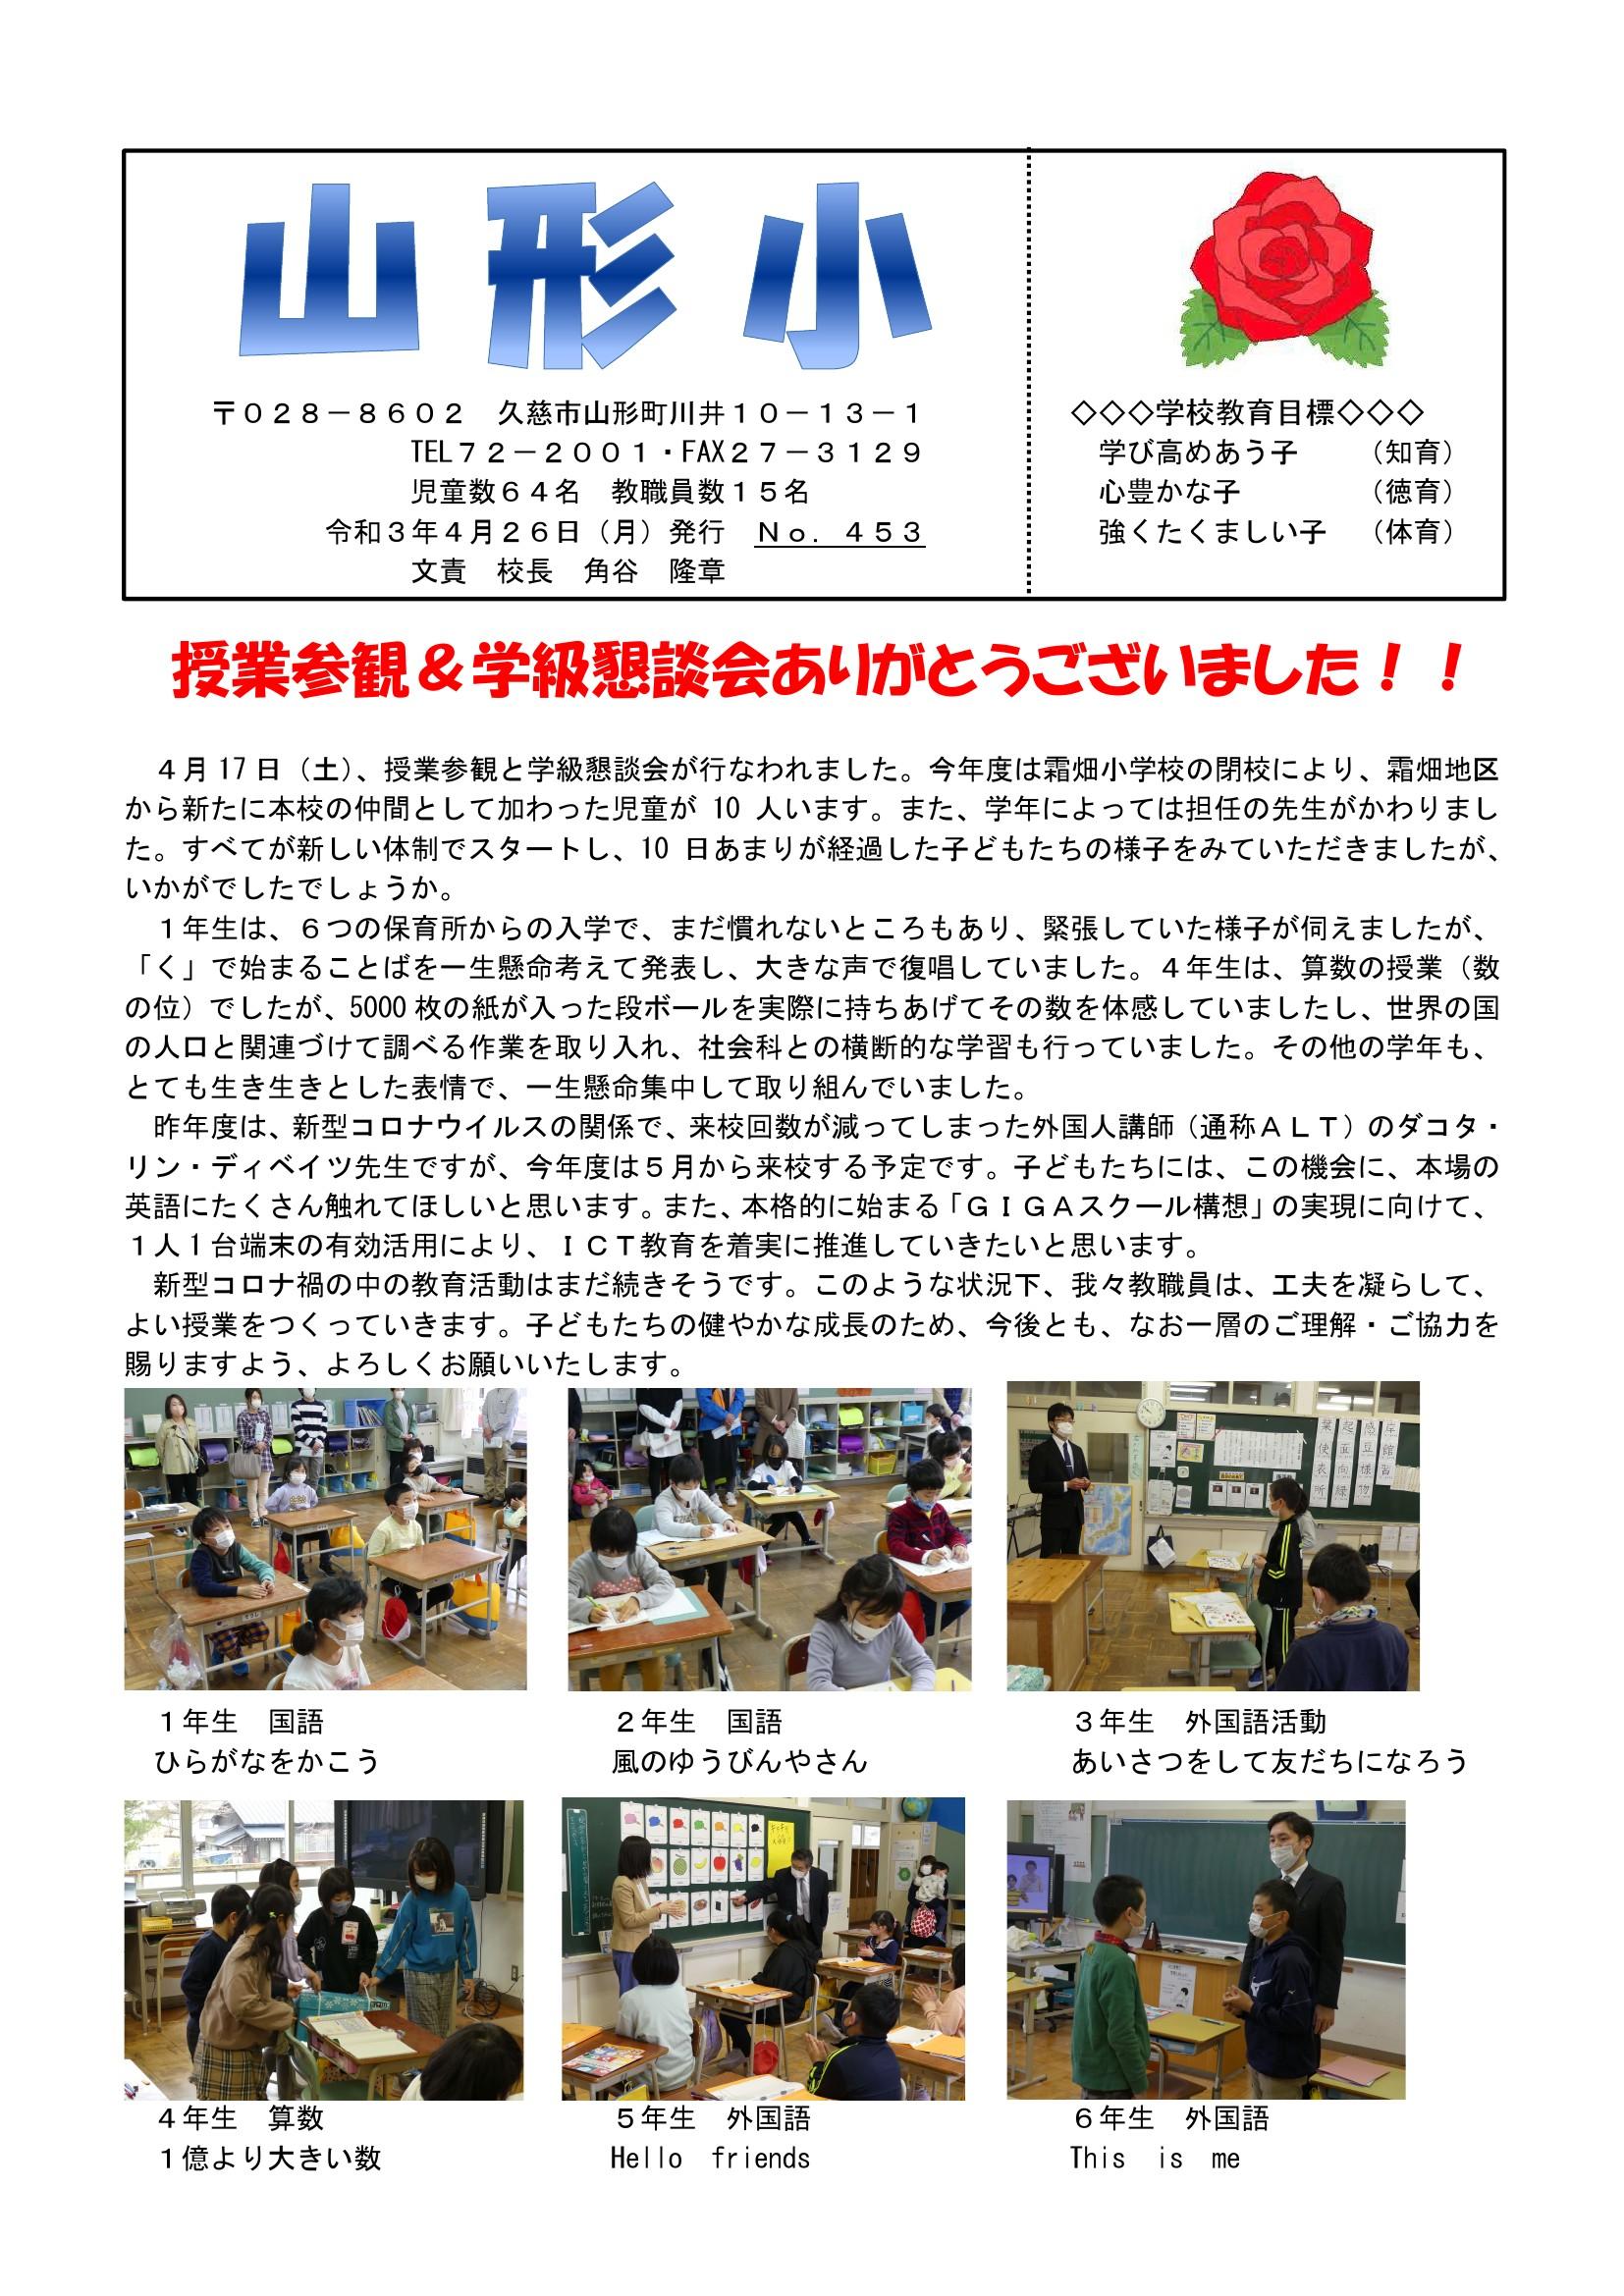 山形小学校だより(4月26日)1ページ